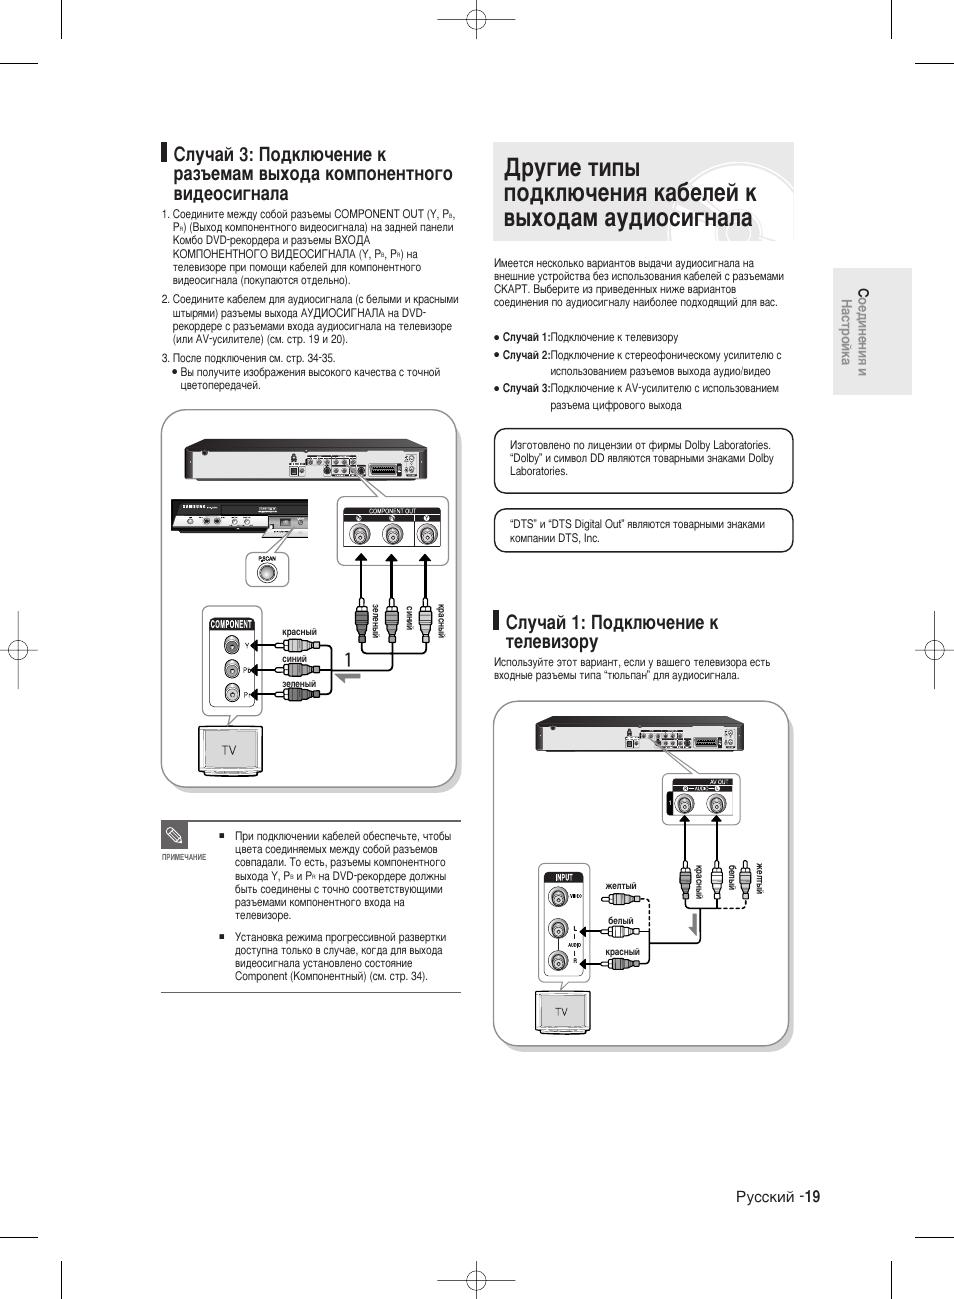 Продление медицинская книжка в Москве Бибирево недорого официально в Москве Бибирево